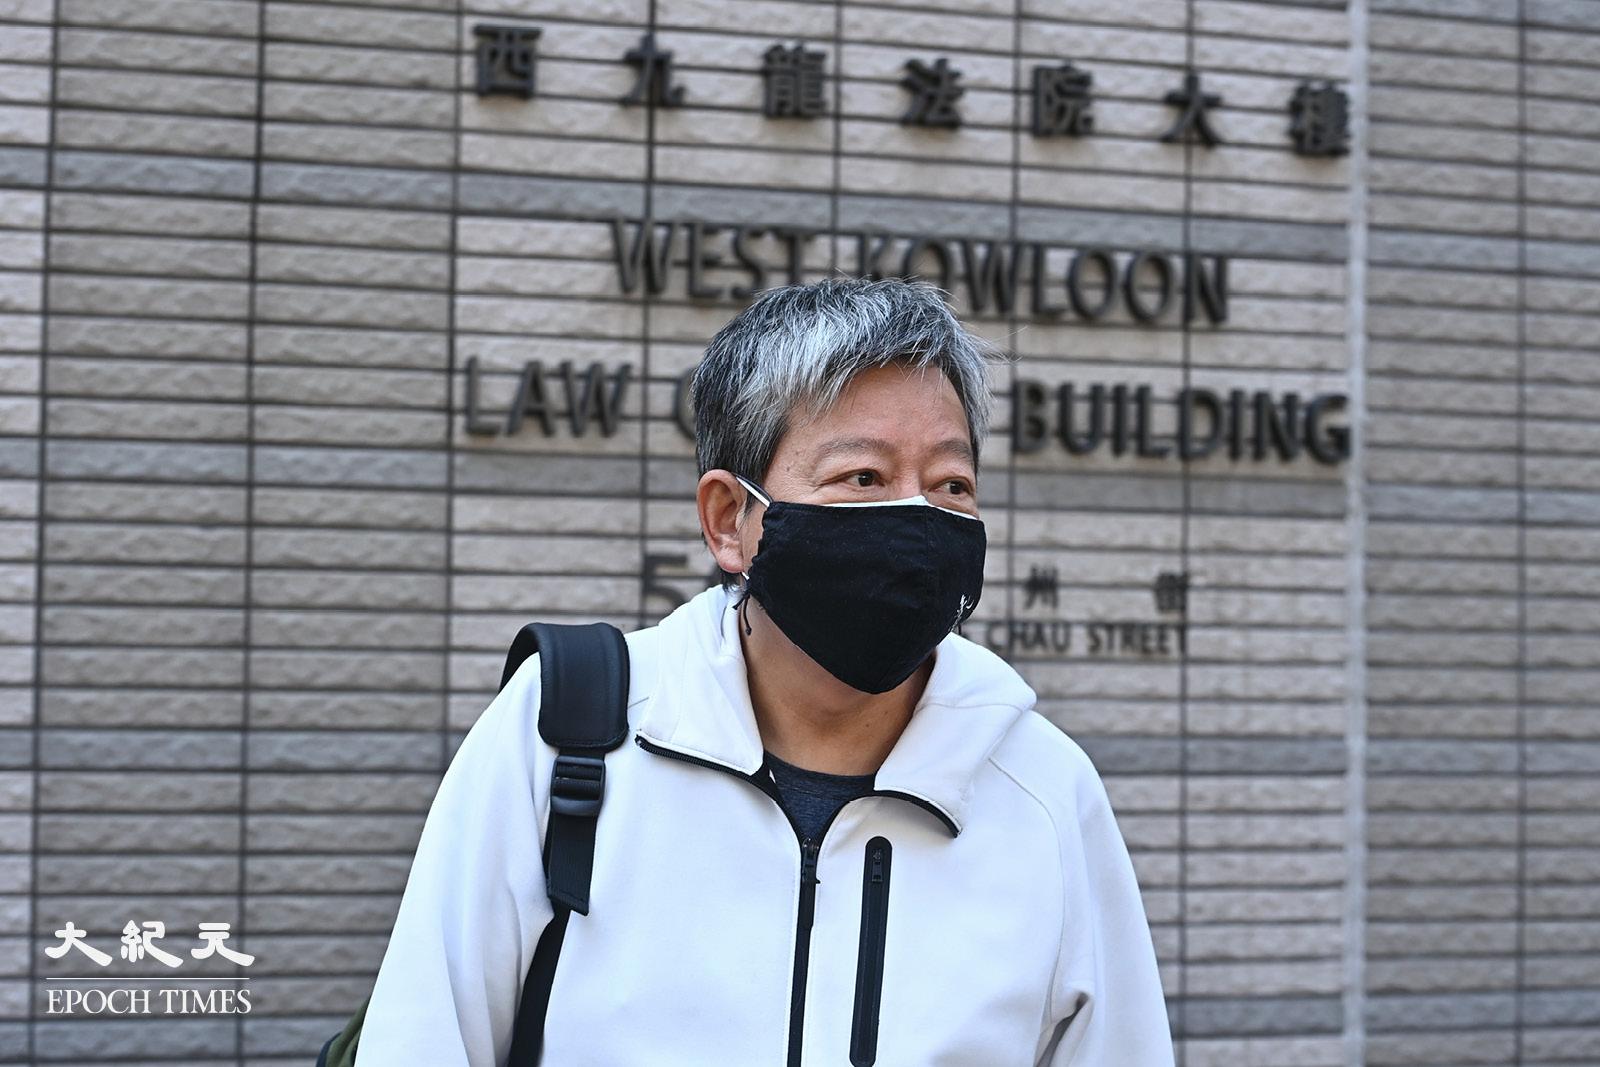 2月16日,9名民主派人士被控非法集結等罪名在西九龍法院審理,被告之一支聯會主席李卓人表示,牛年要像牛一樣為民主硬頸。(宋碧龍/大紀元)